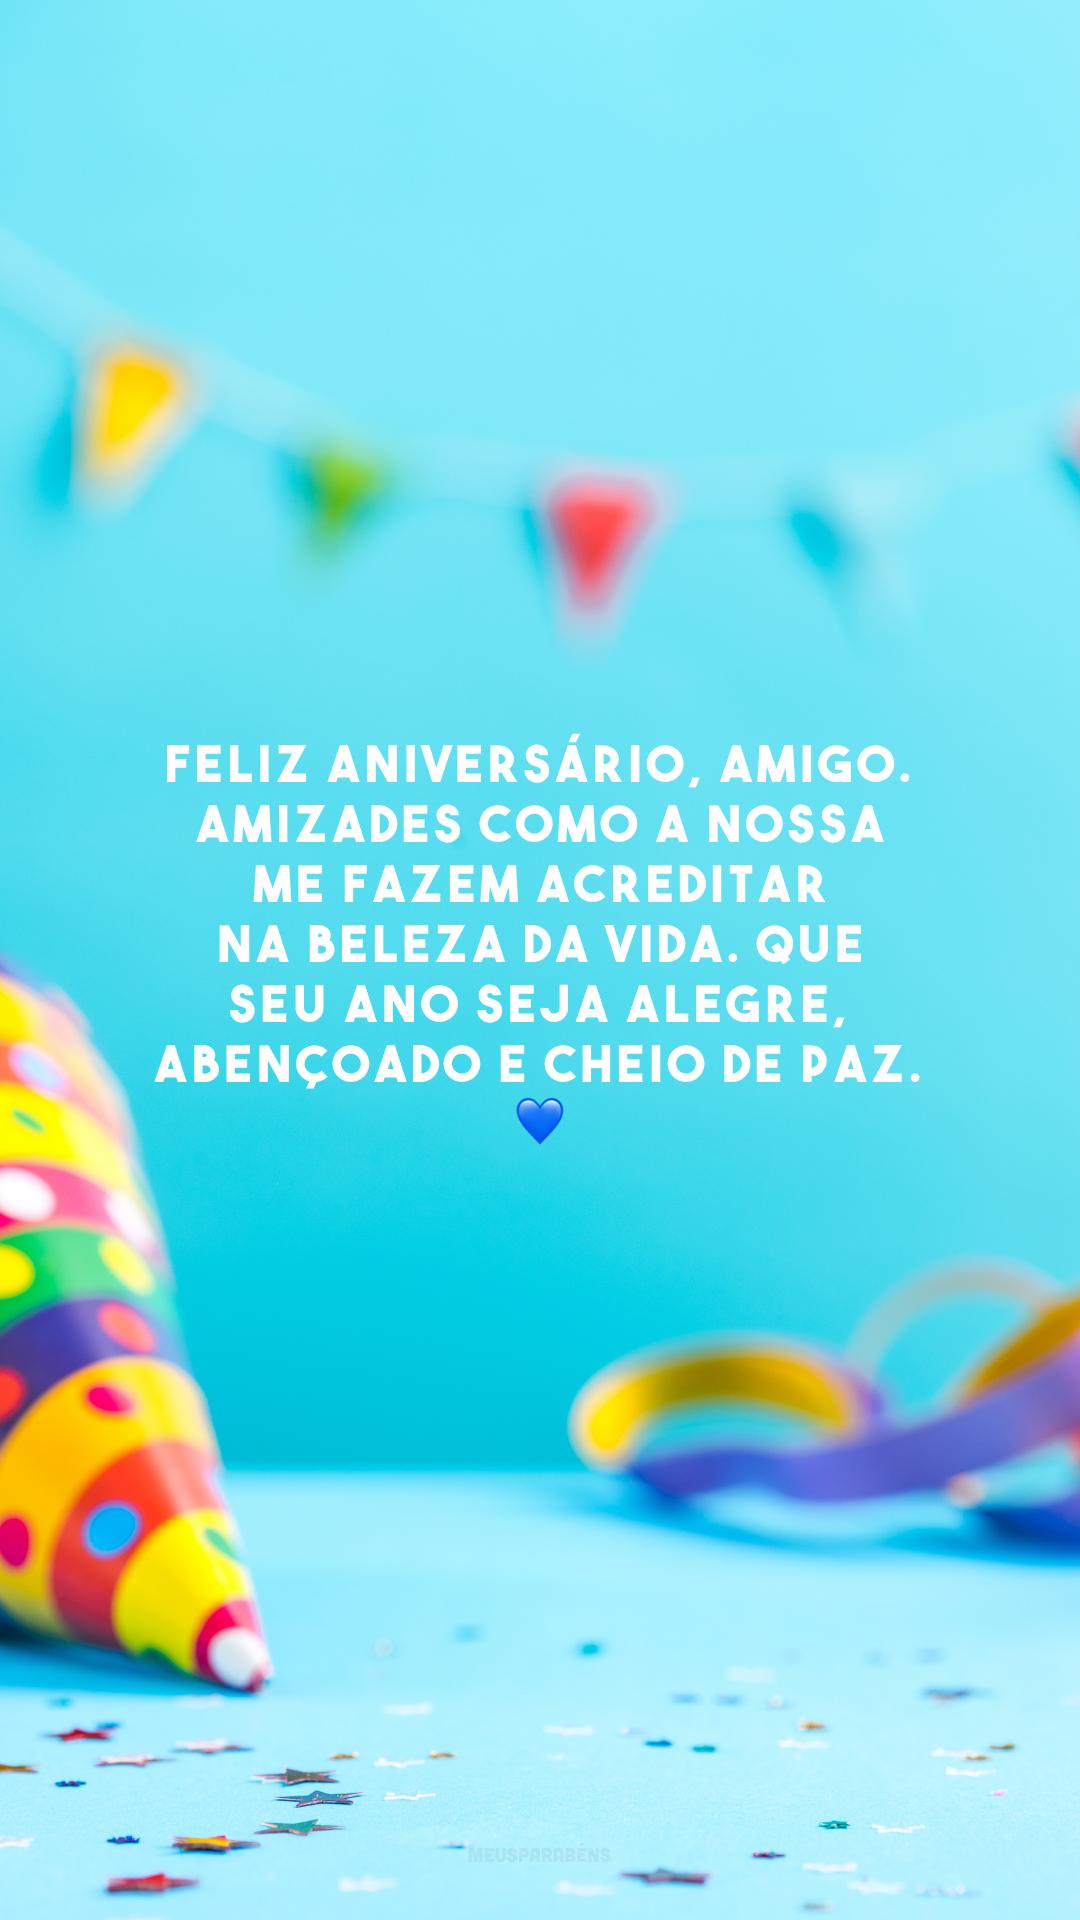 Feliz aniversário, amigo. Amizades como a nossa me fazem acreditar na beleza da vida. Que seu ano seja alegre, abençoado e cheio de paz. 💙